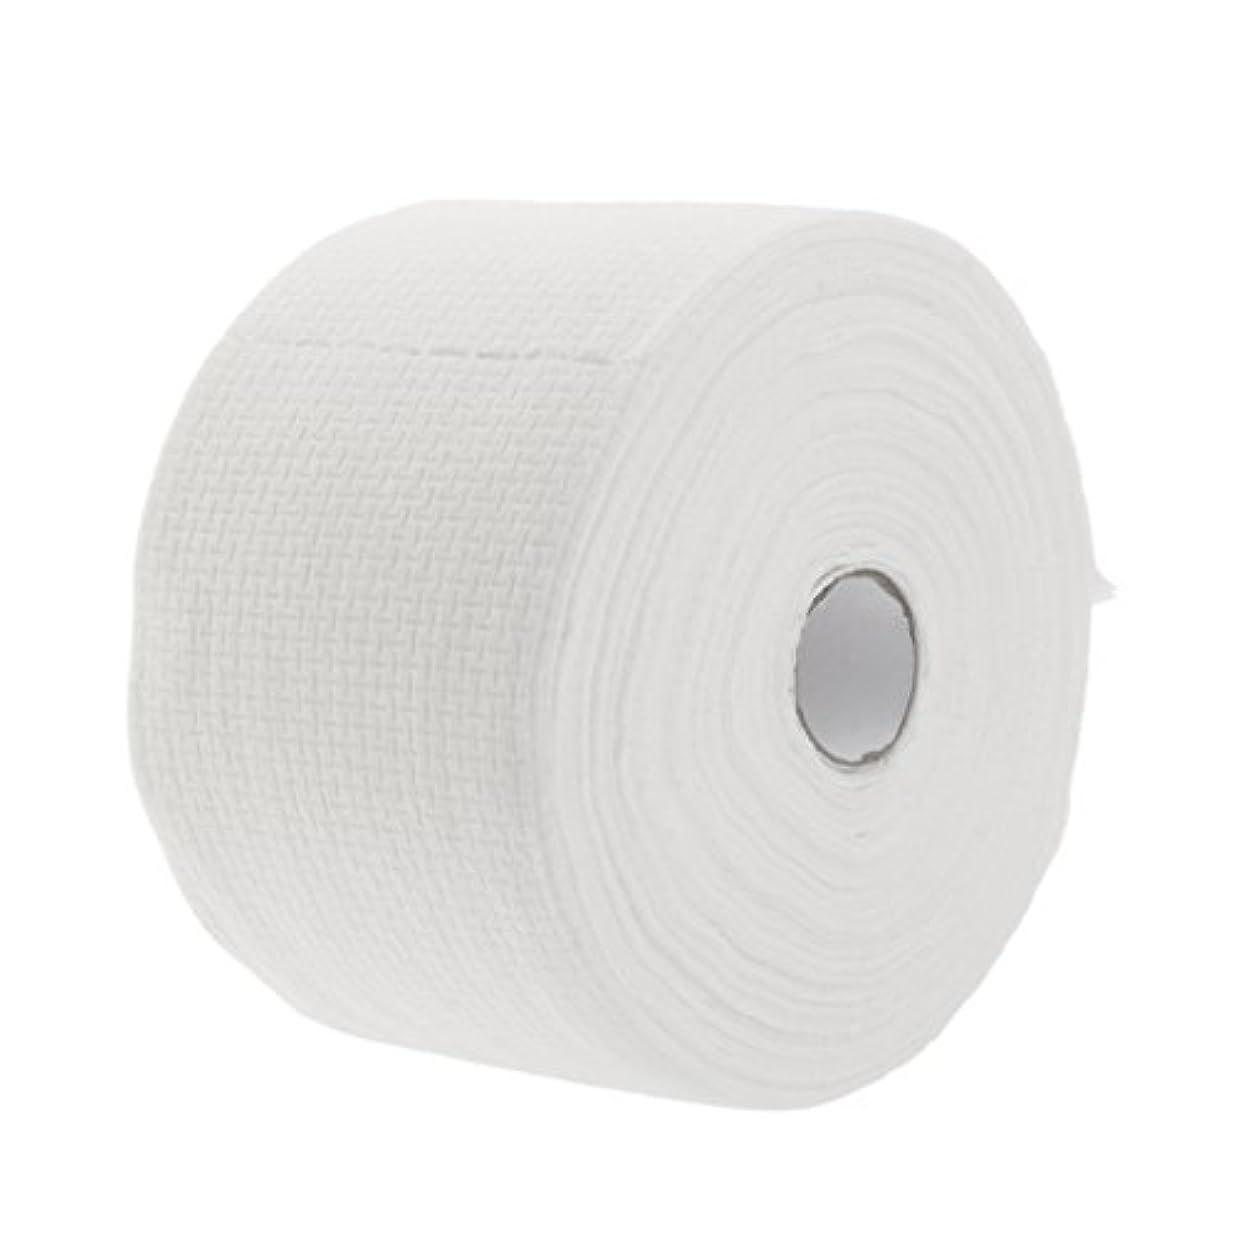 反対する死の顎ピアロール式 使い捨て 洗顔タオル 使い捨てタオル 30M コットン 繊維 メイクリムーバー 快適 - #1